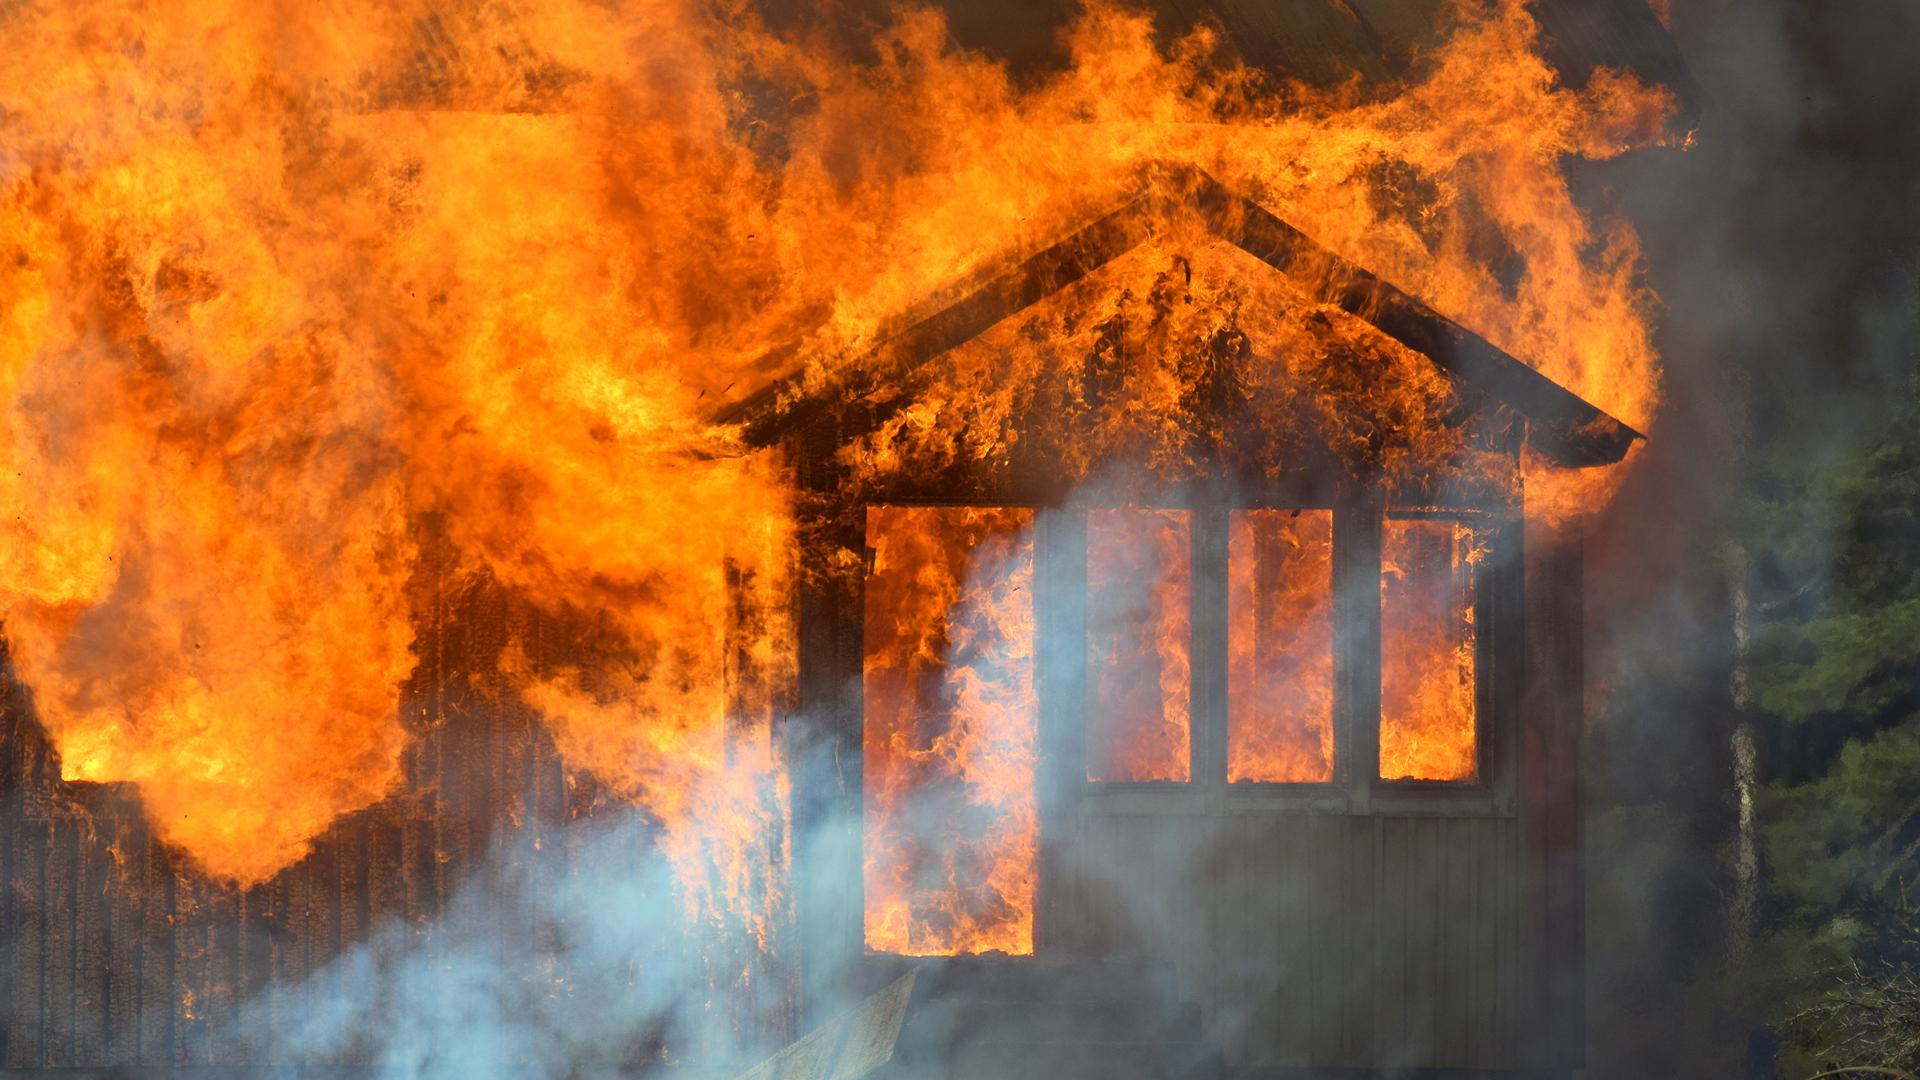 Versicherung verweigert Leistung nach Gebäudebrand: Kanzlei Vogl siegt vor Gericht